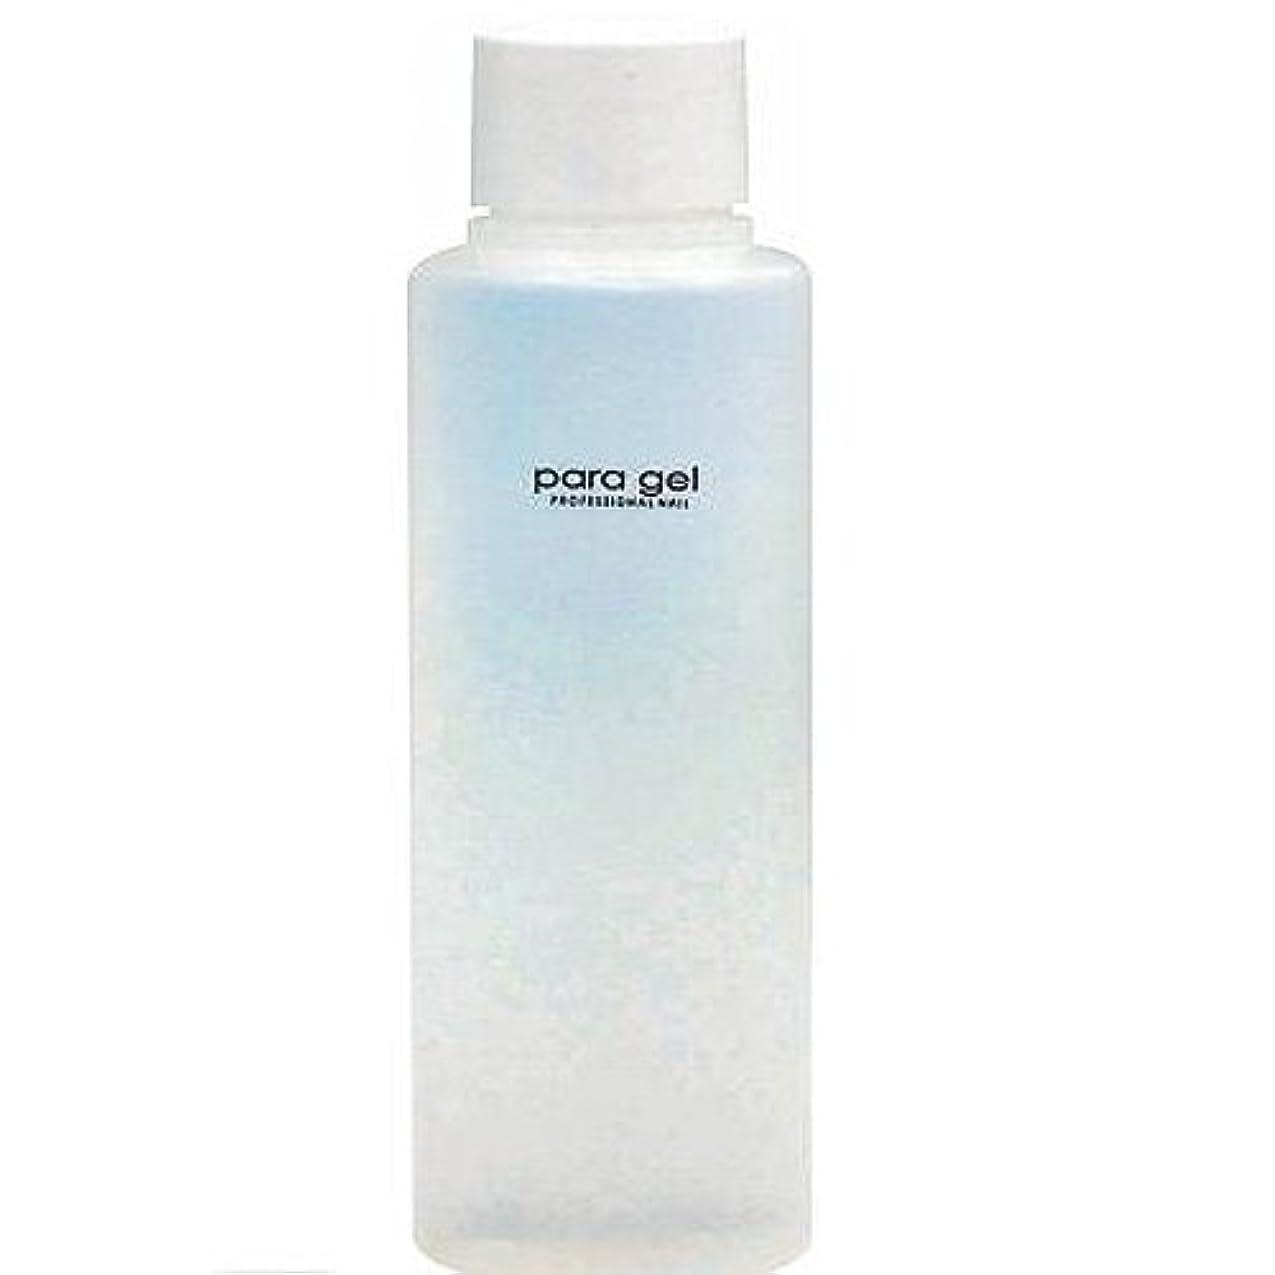 家具消化良いパラジェル(para gel) パラクリーナー 120ml